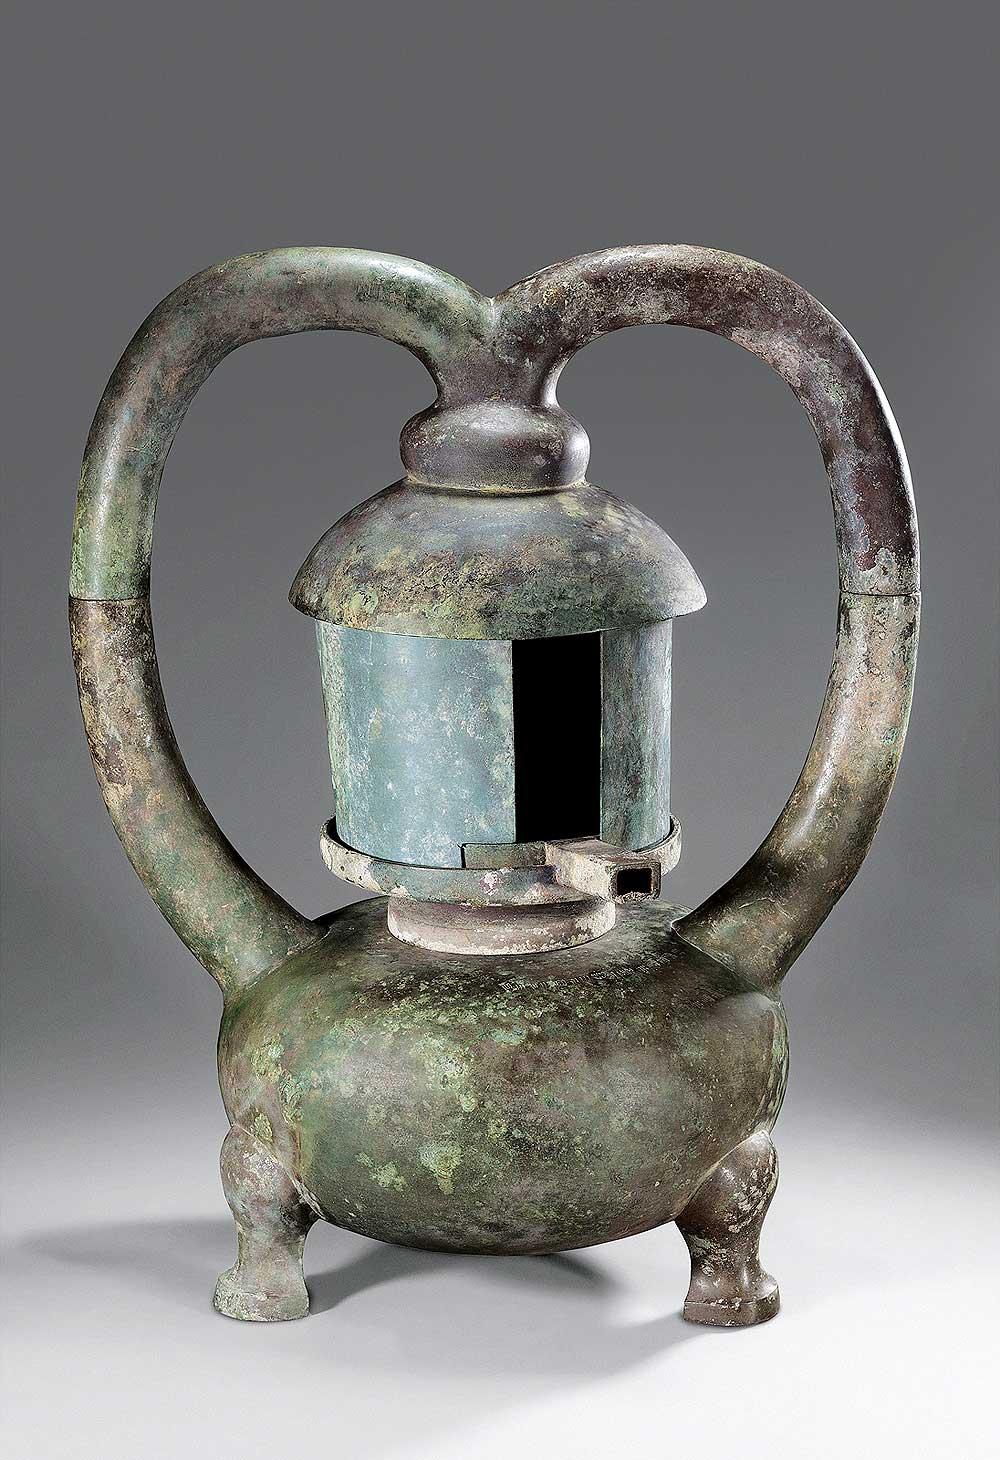 Lamp, Western Han period (206 BCE–9 CE), 2nd century BCE. Unearthed from Tomb 1, Dayun Mountain, Xuyi, Jiangsu. Bronze. Nanjing Museum. Photograph © Nanjing Museum.